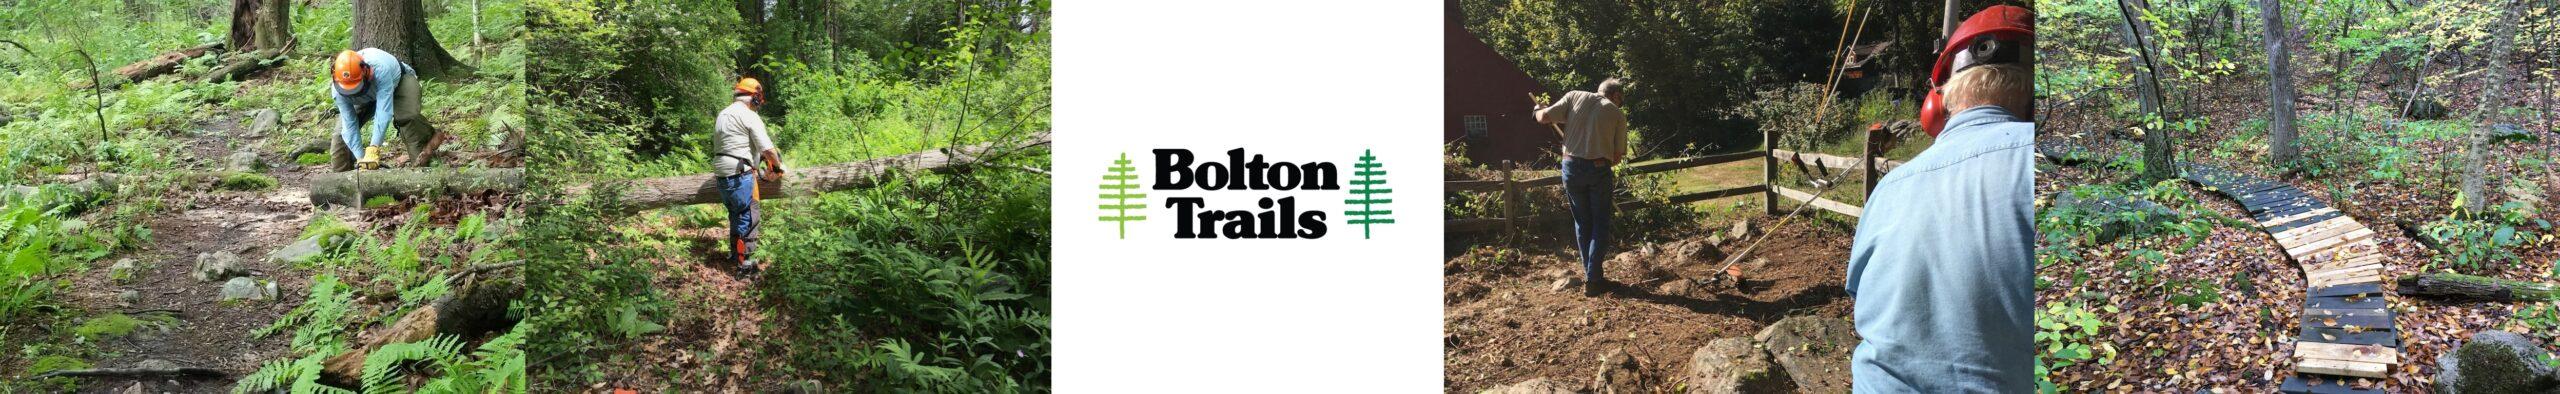 Bolton Trails